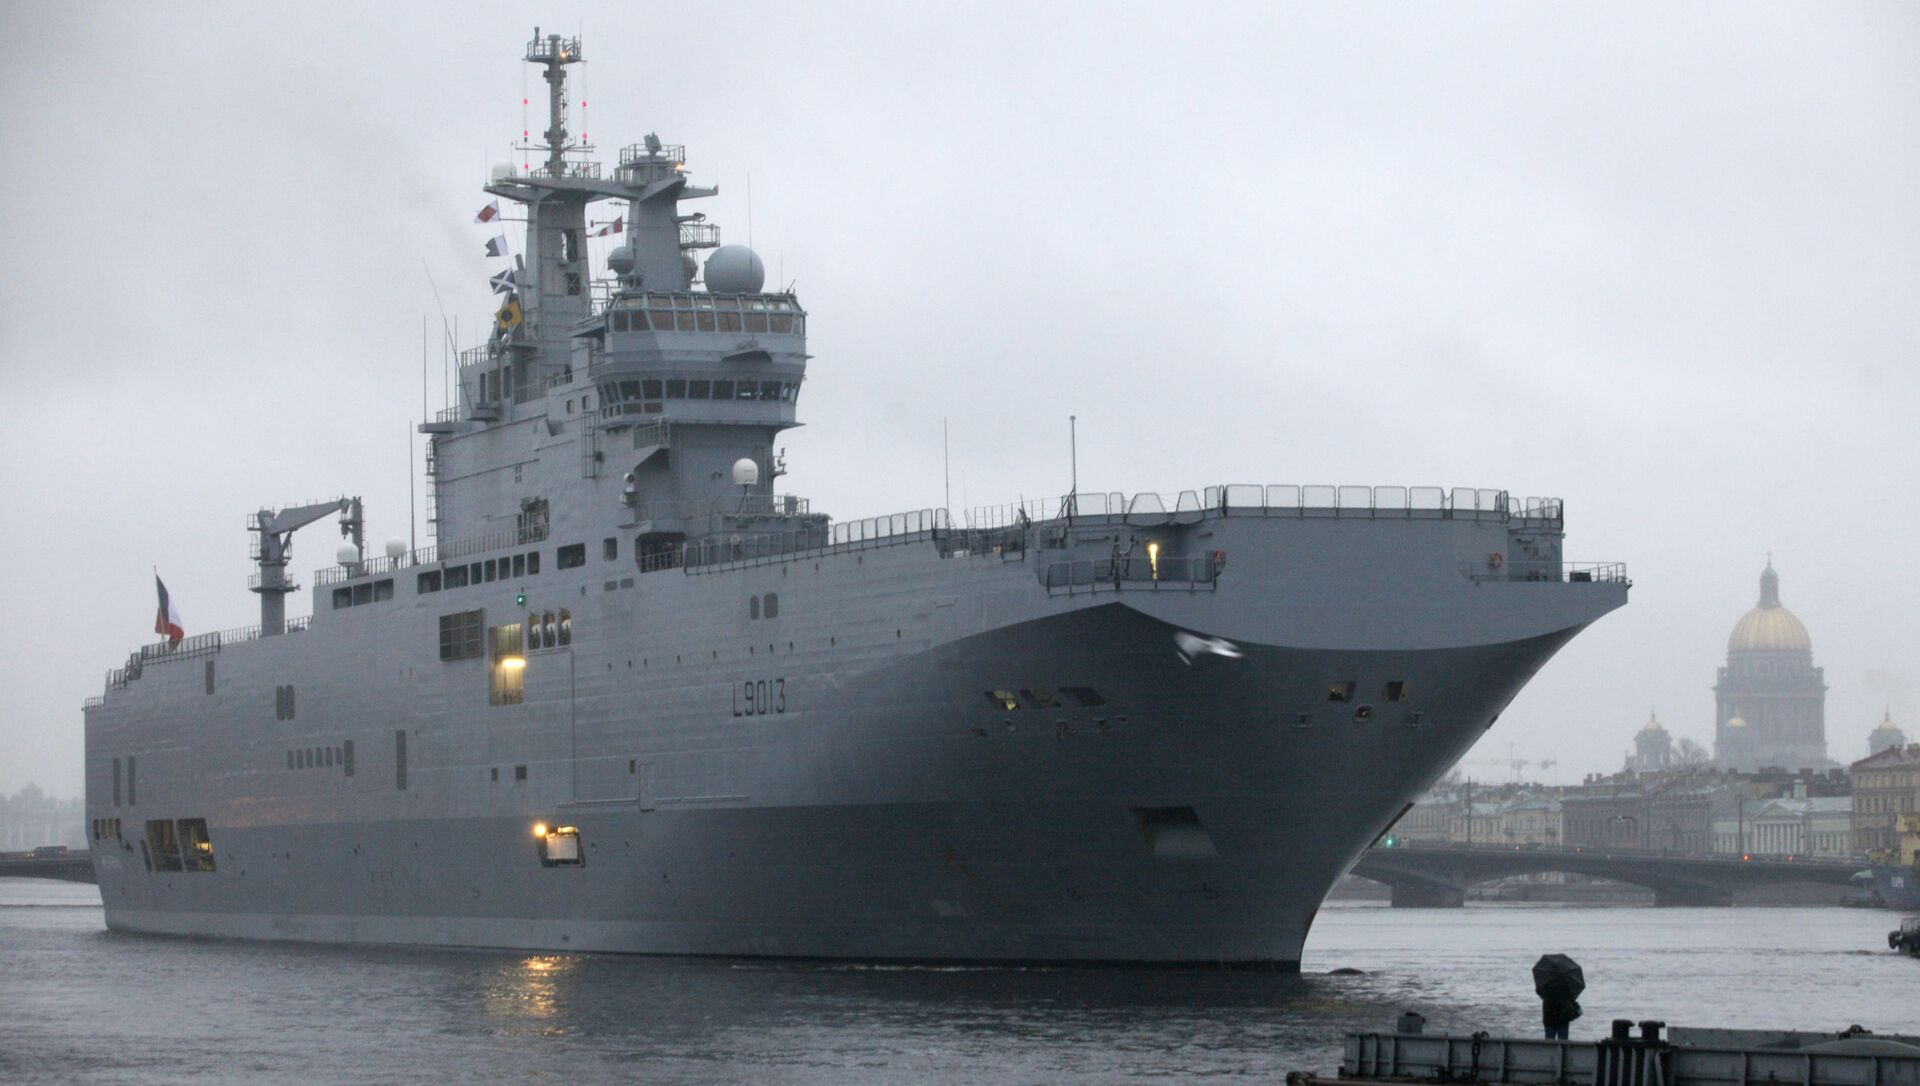 Un buque de asalto de la clase Mistral de la Armada rusa - Sputnik Mundo, 1920, 08.02.2021